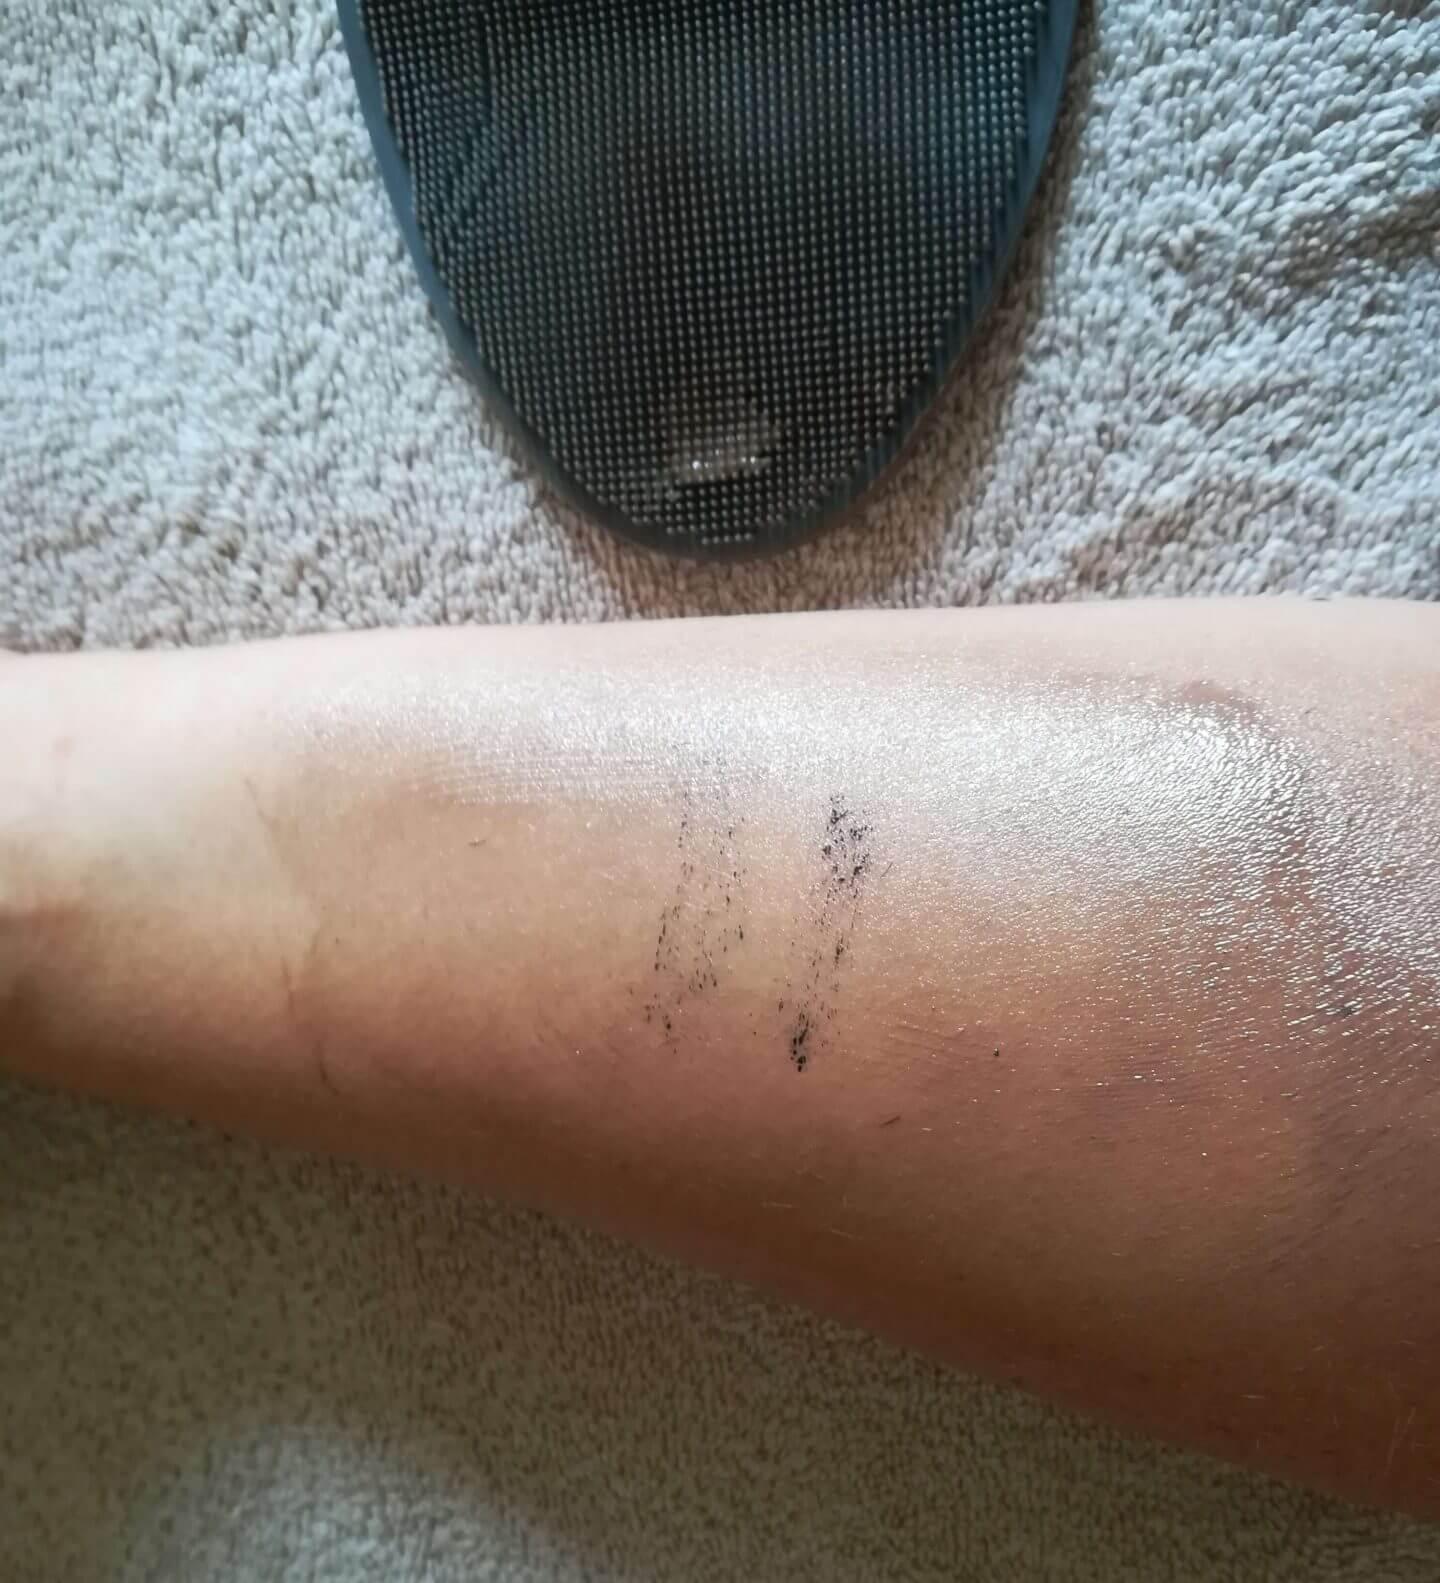 Dermalogica PreCleanse Balm - weiter in die Haut eingearbeitet